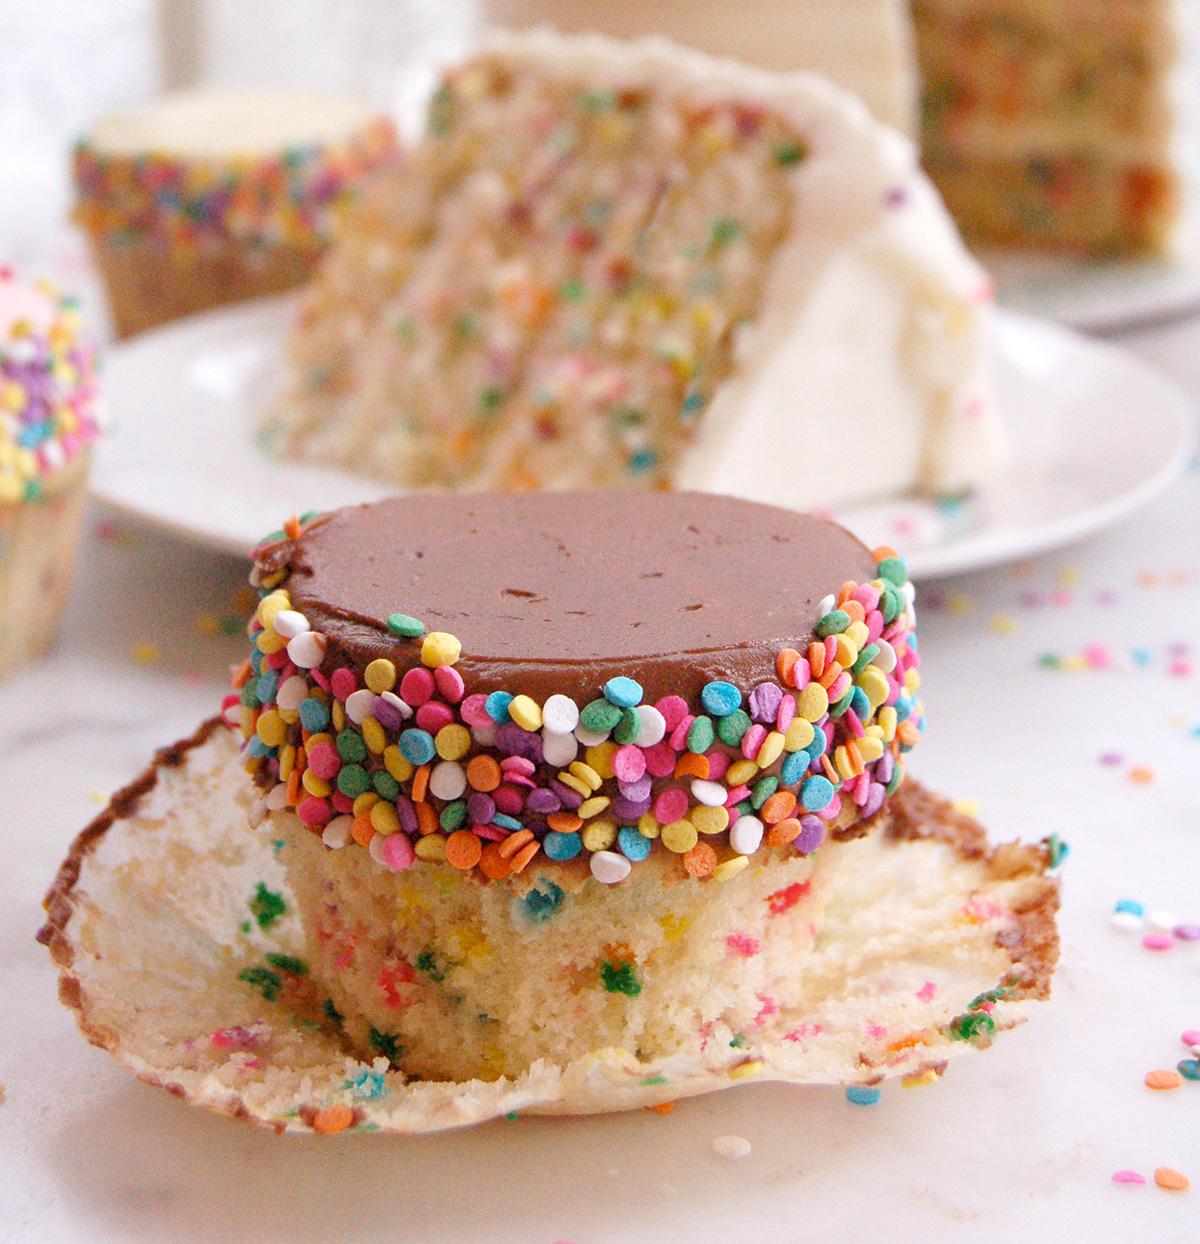 Cupcakes at Magnolia Bakery. / Photo provided